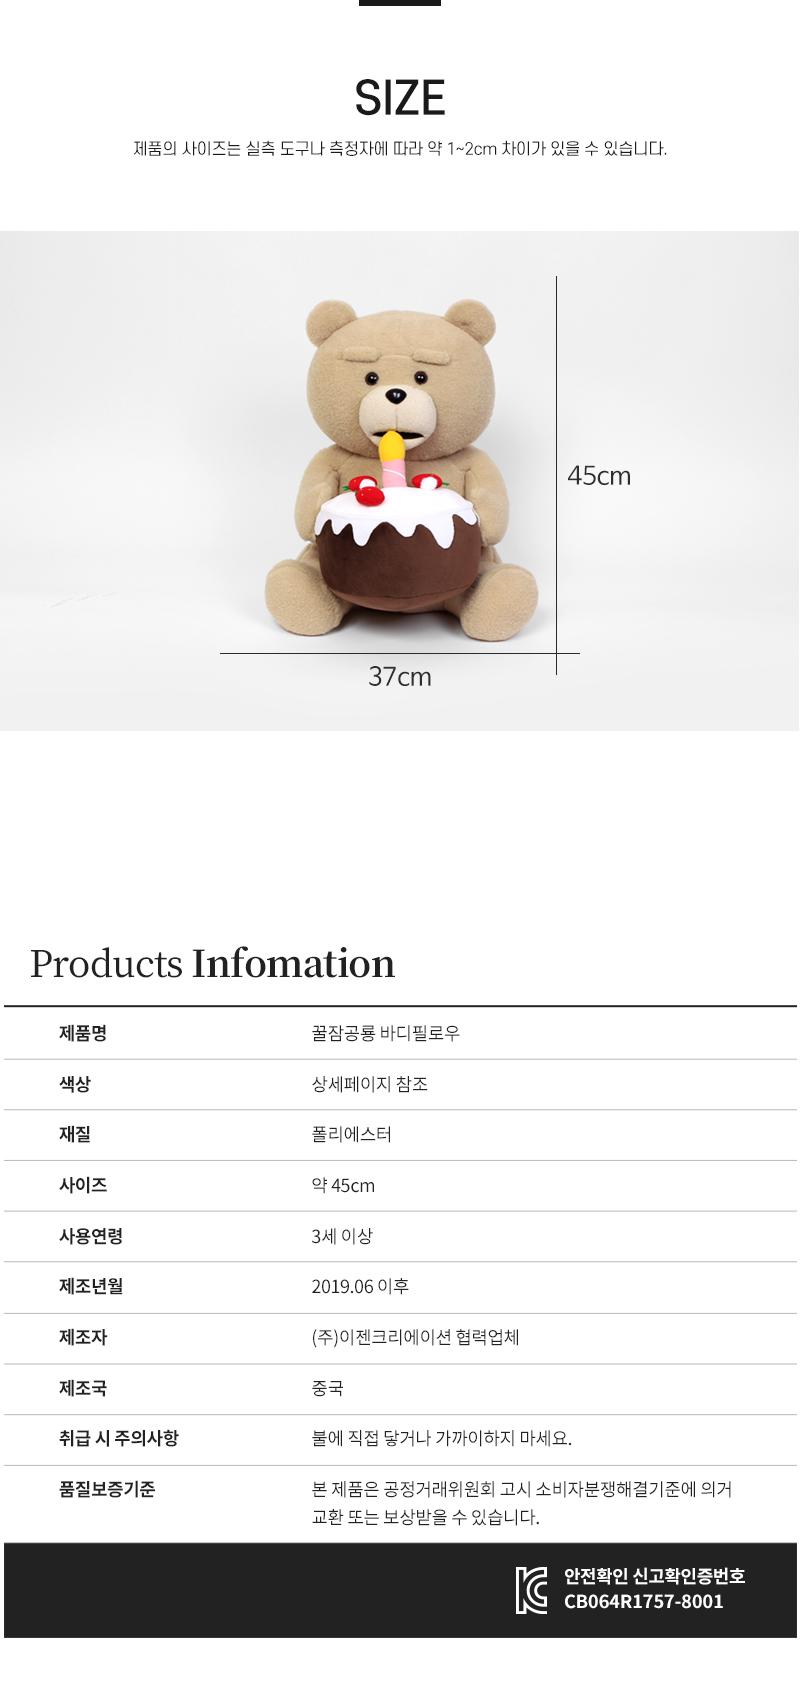 19곰테드 촛불이 켜지는 생일케이크 봉제인형 - 이젠돌스, 40,000원, 캐릭터인형, 기타 캐릭터 인형